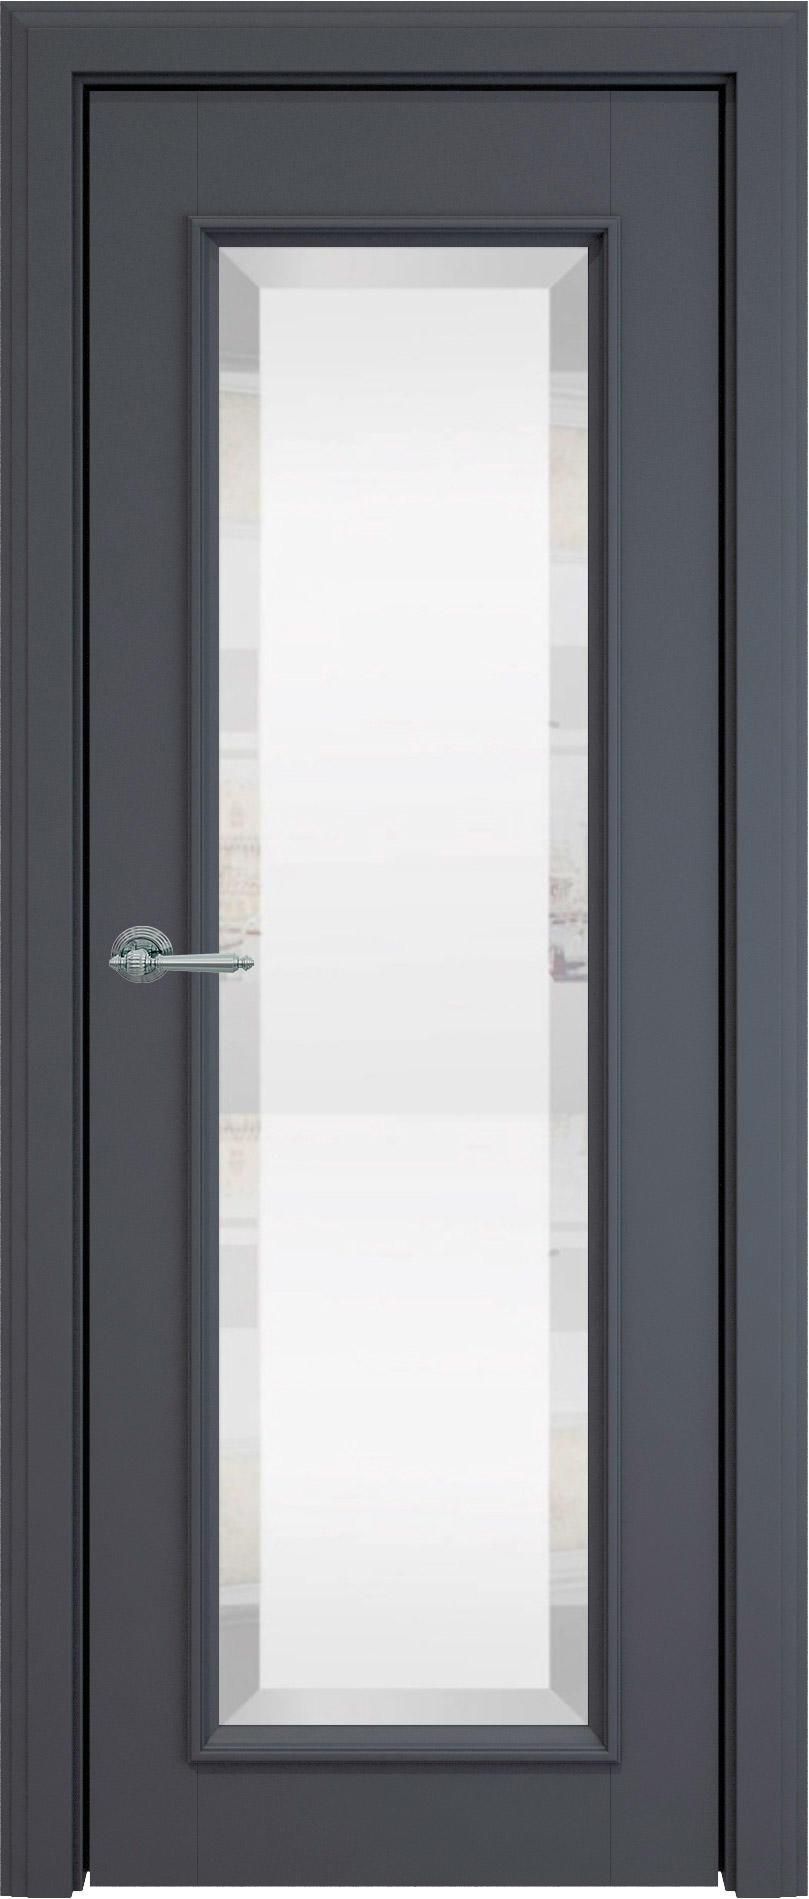 Domenica LUX цвет - Графитово-серая эмаль (RAL 7024) Со стеклом (ДО)